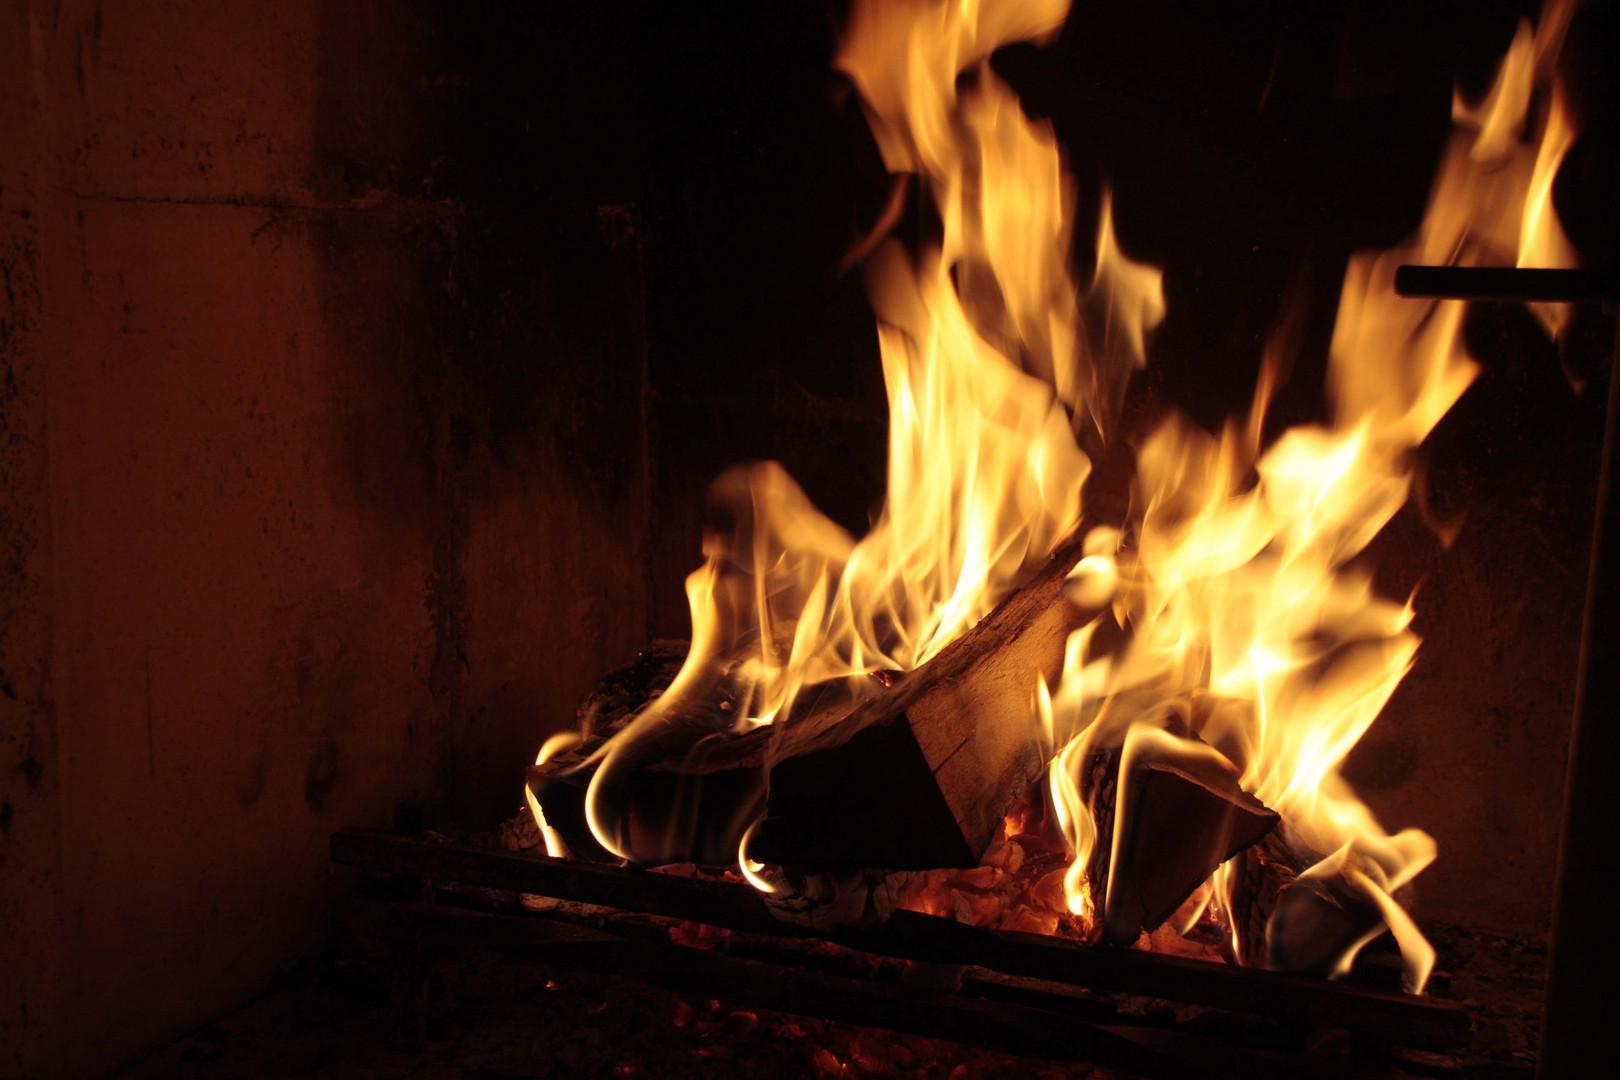 Flamme empor